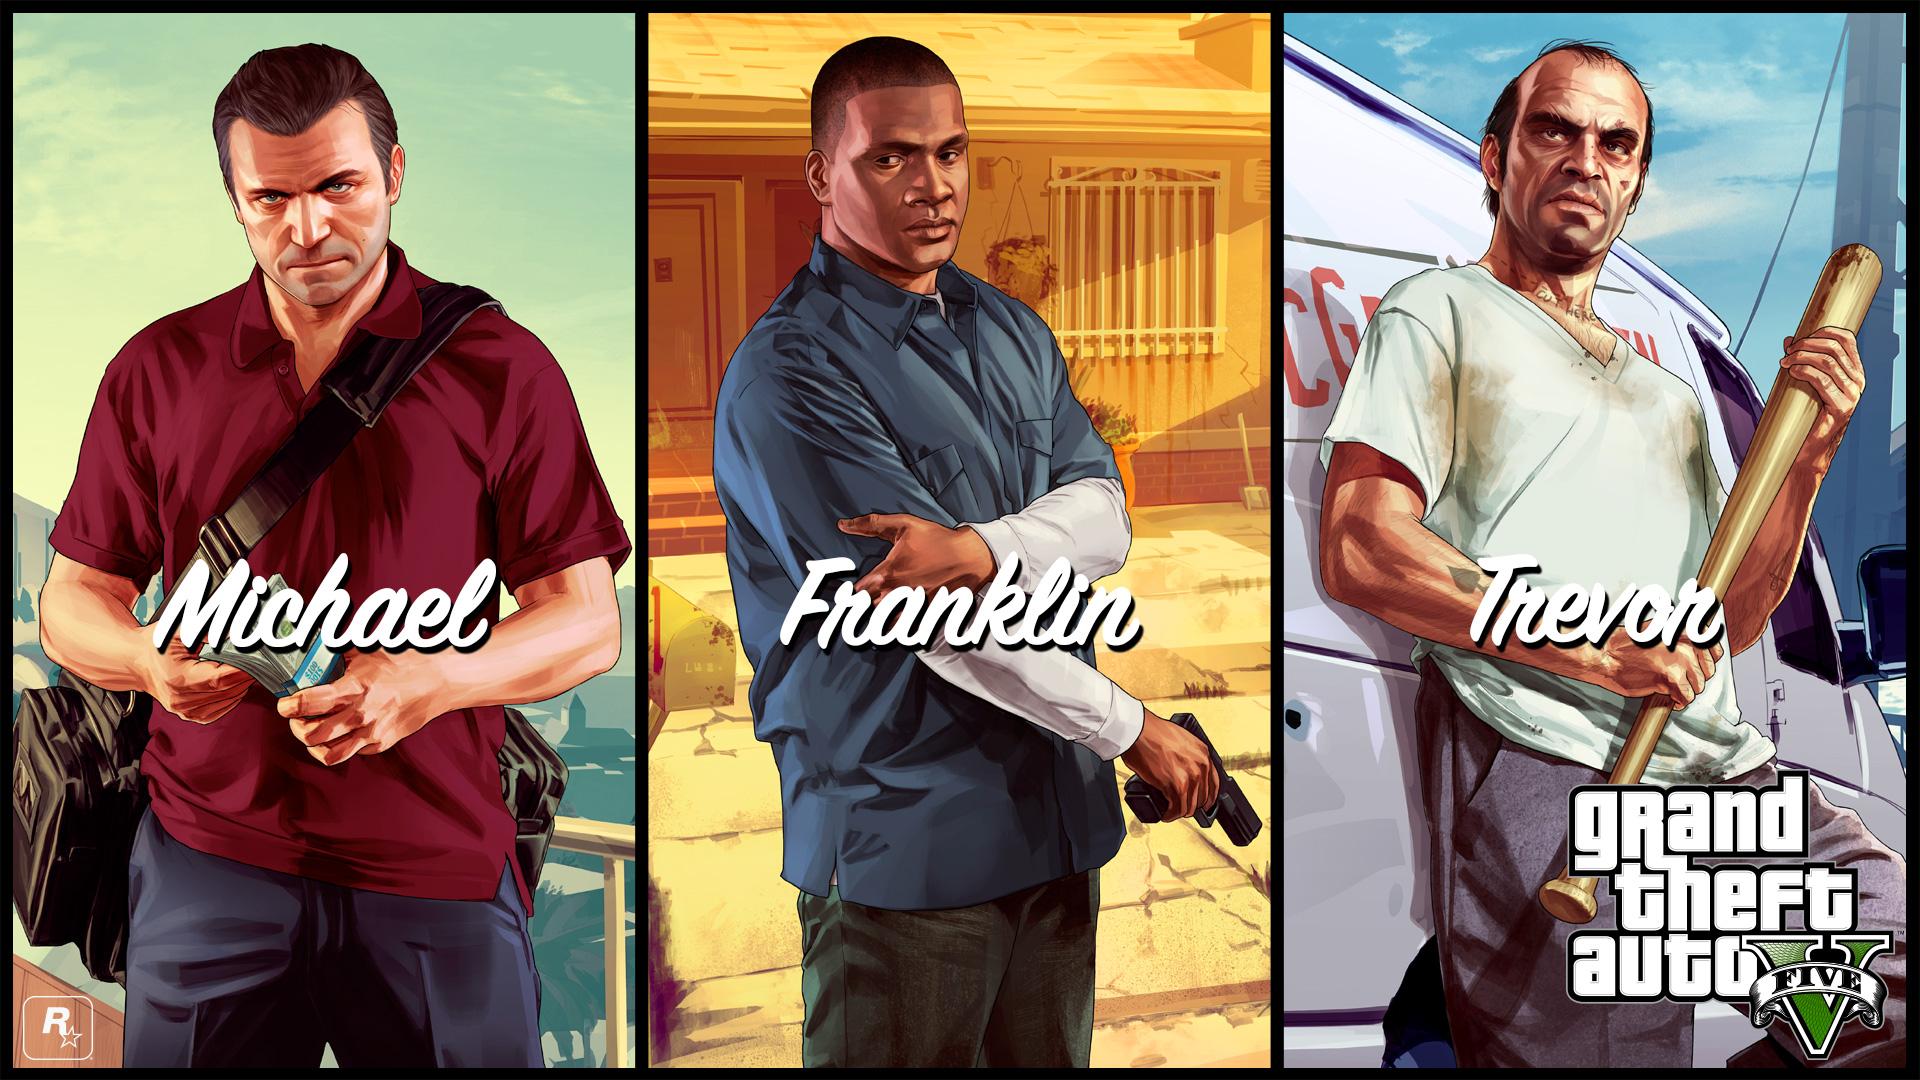 Wallpaper Gta 5 Grand Theft Auto V Rockstar 14 Wallpapers 1920x1080